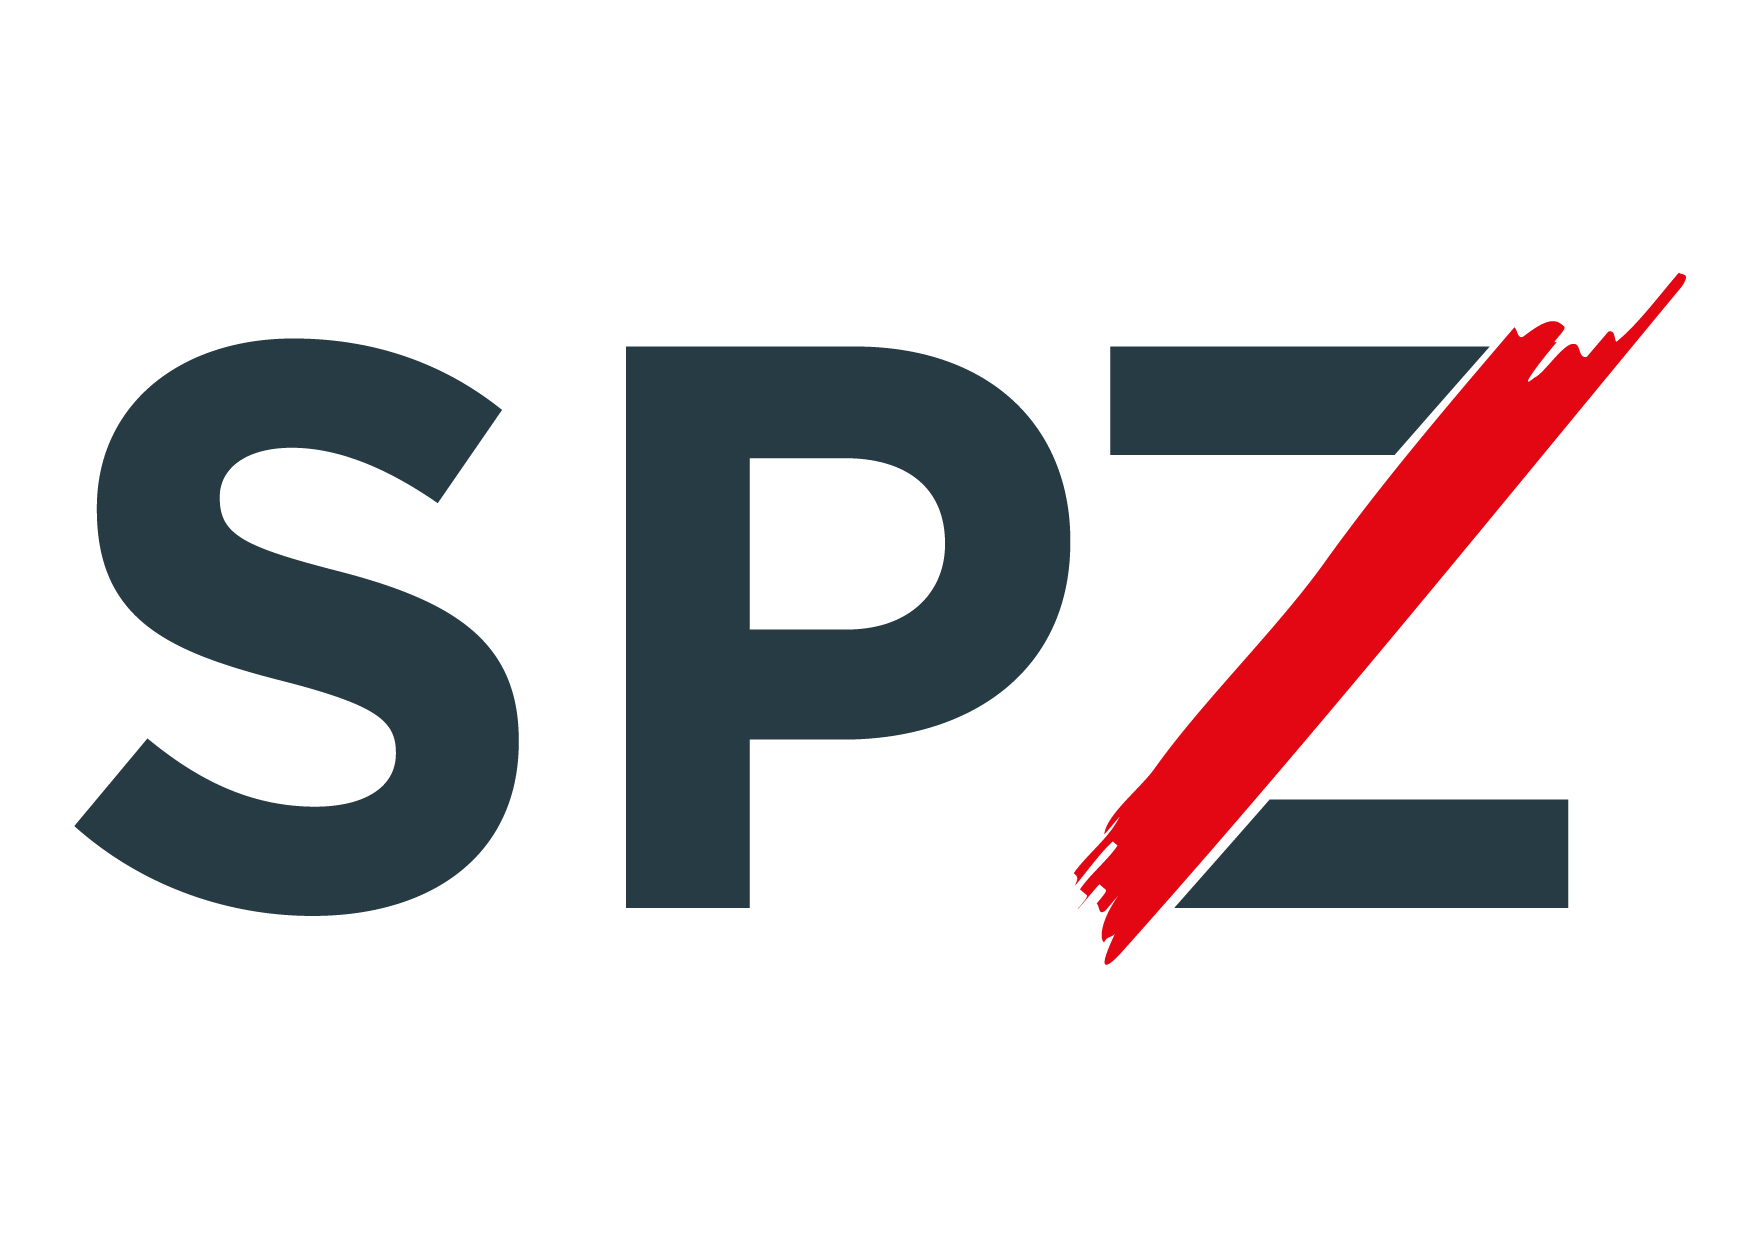 Logotip slovenske prosvetne zveze